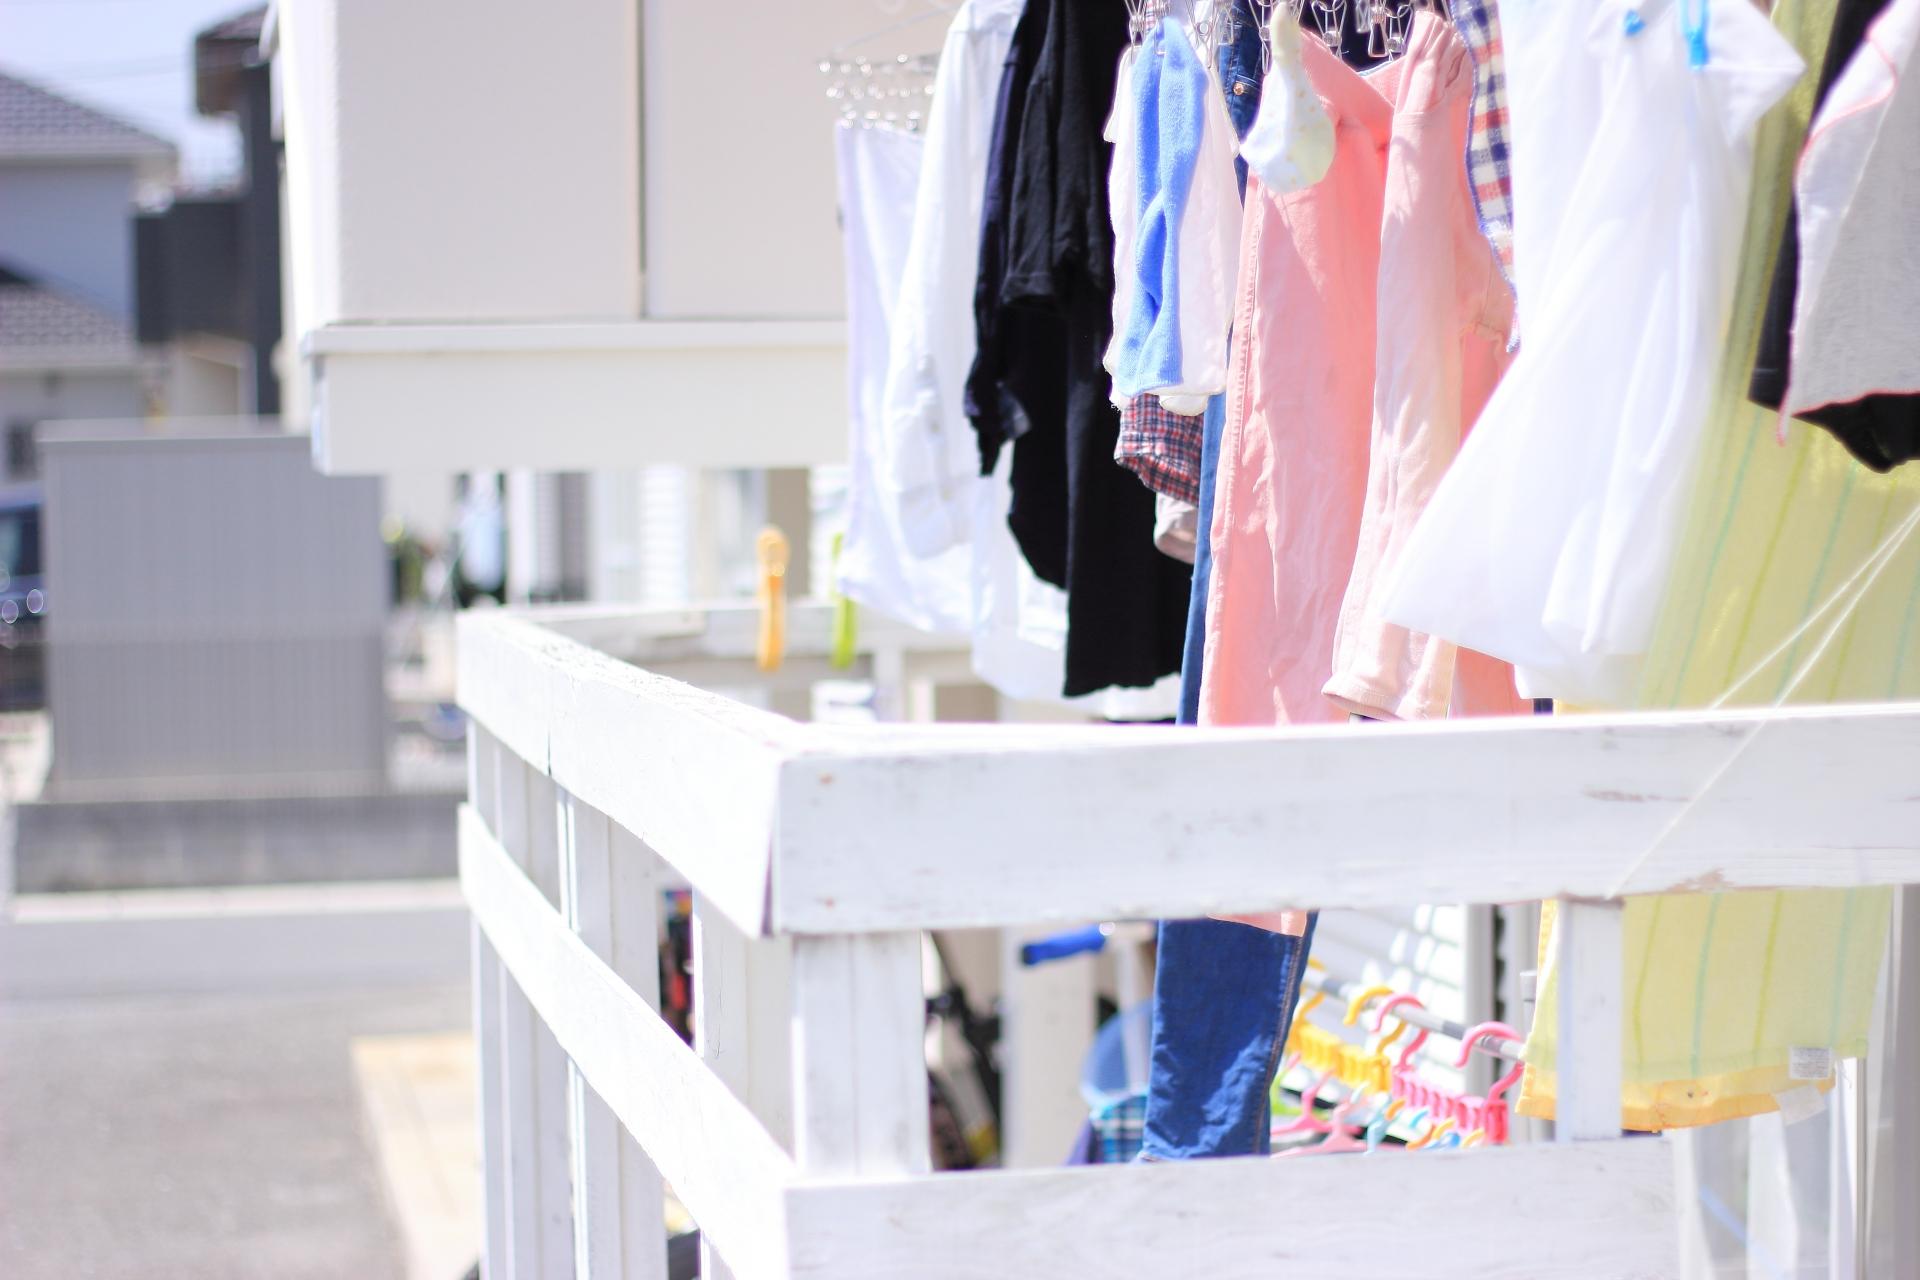 冬は乾燥しているのに洗濯物はなぜ乾かない?美容師直伝タオルを早く乾かす簡単な方法とは